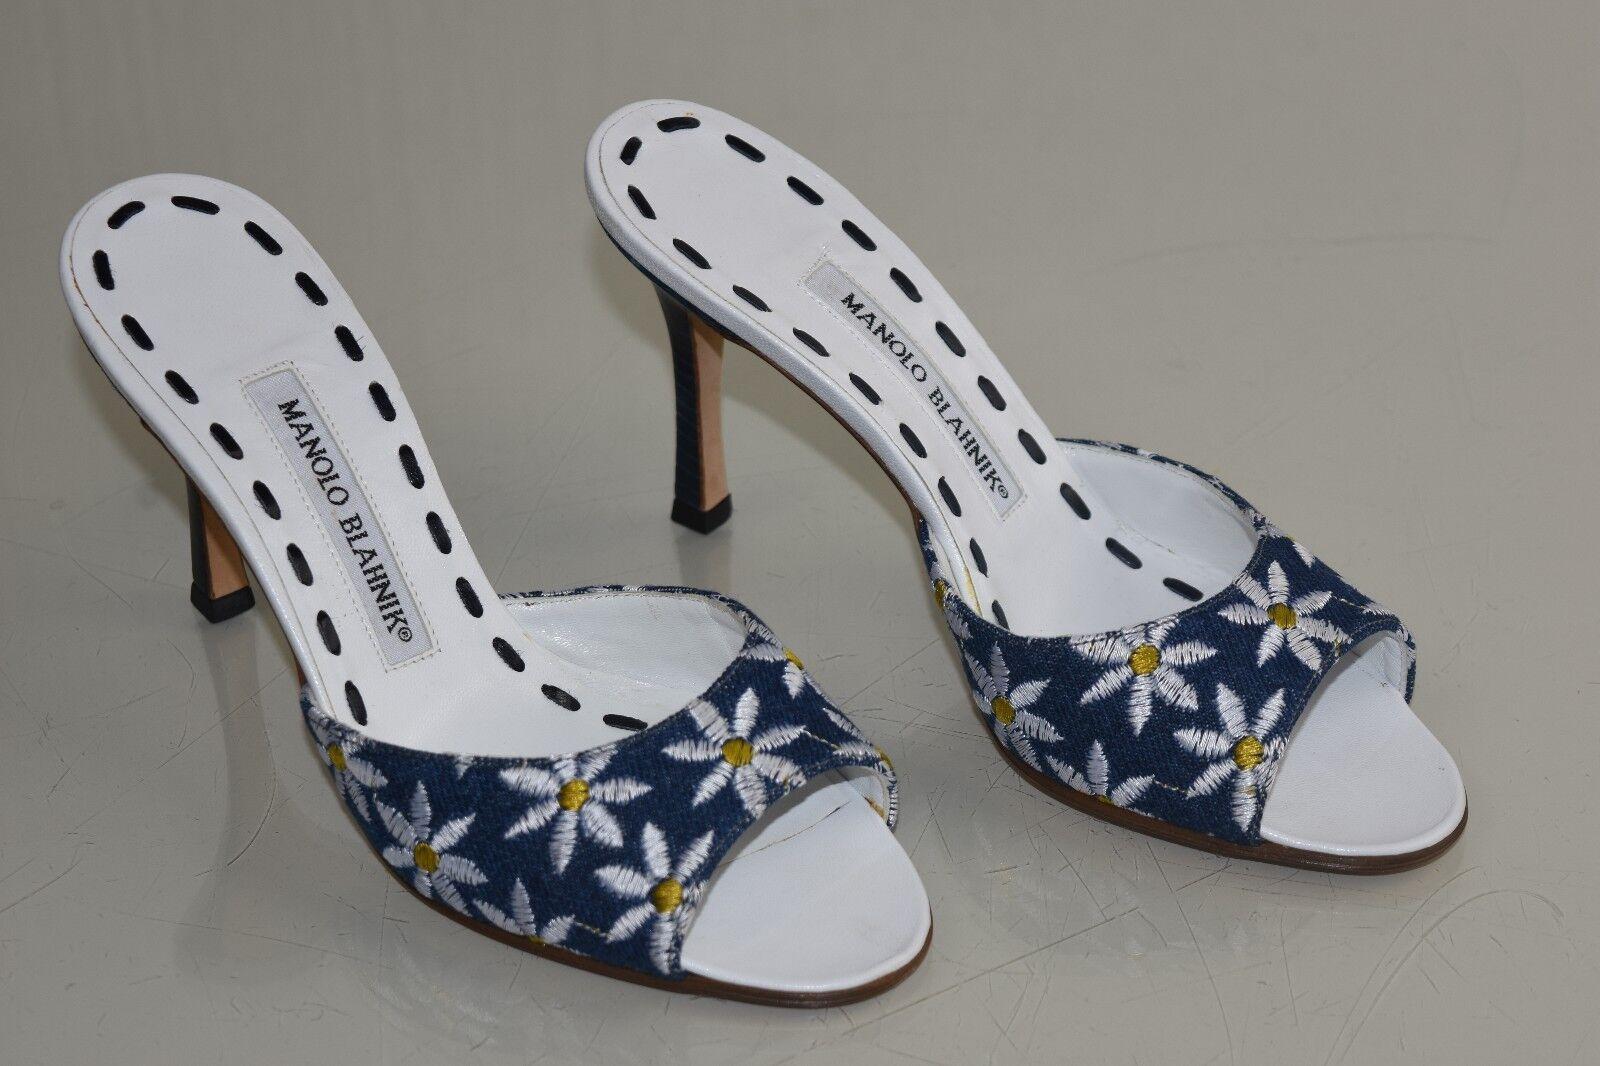 775 NEW MANOLO BLAHNIK ASTUTA Slides Sandals Floral Embroidered bluee Denim 36